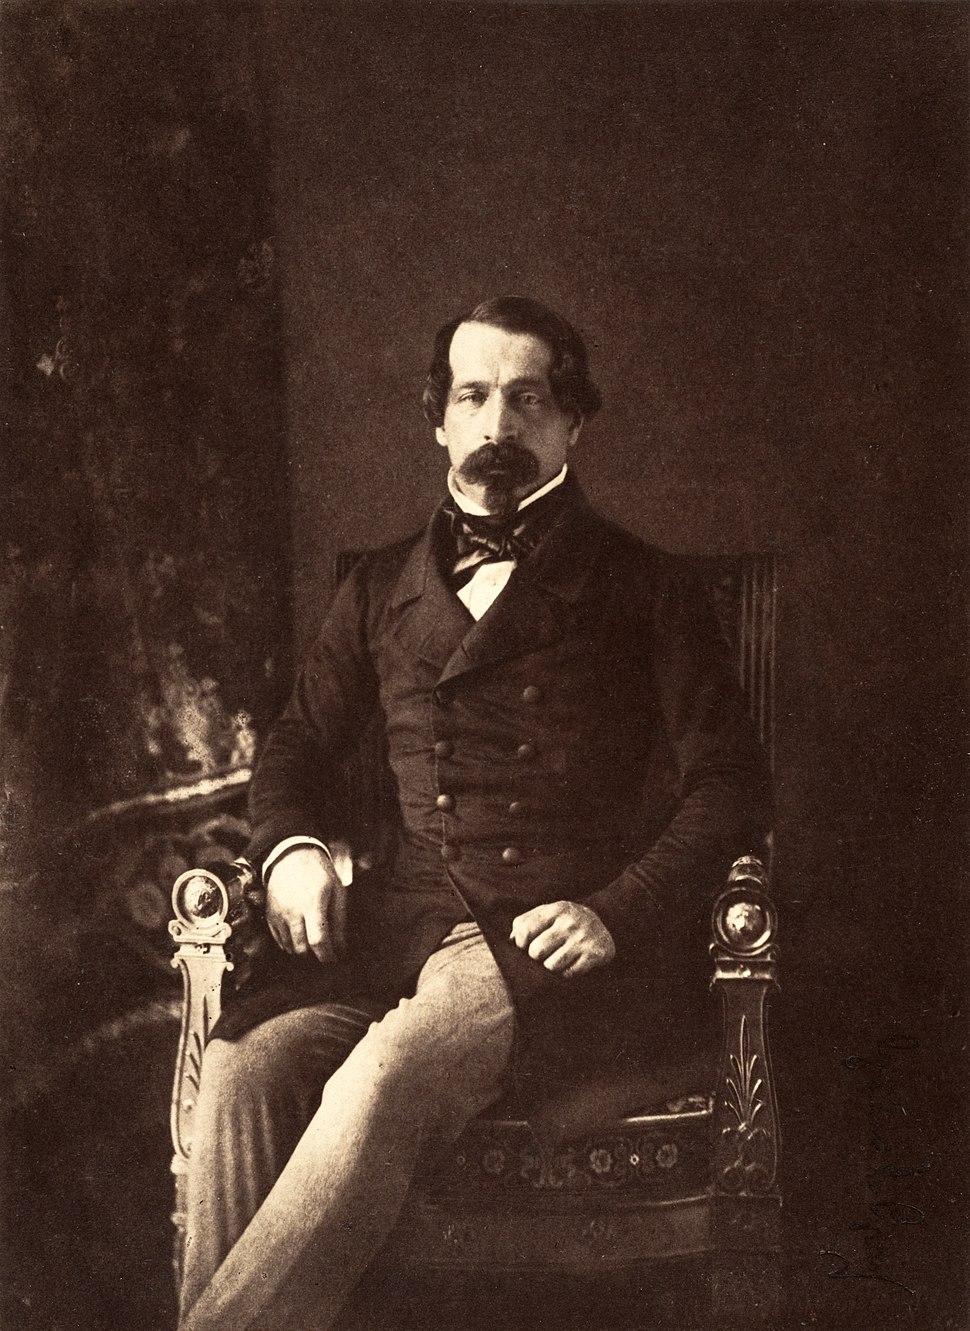 Gustave Le Gray, Louis-Napoléon, Prince-President of the Republic, 1852